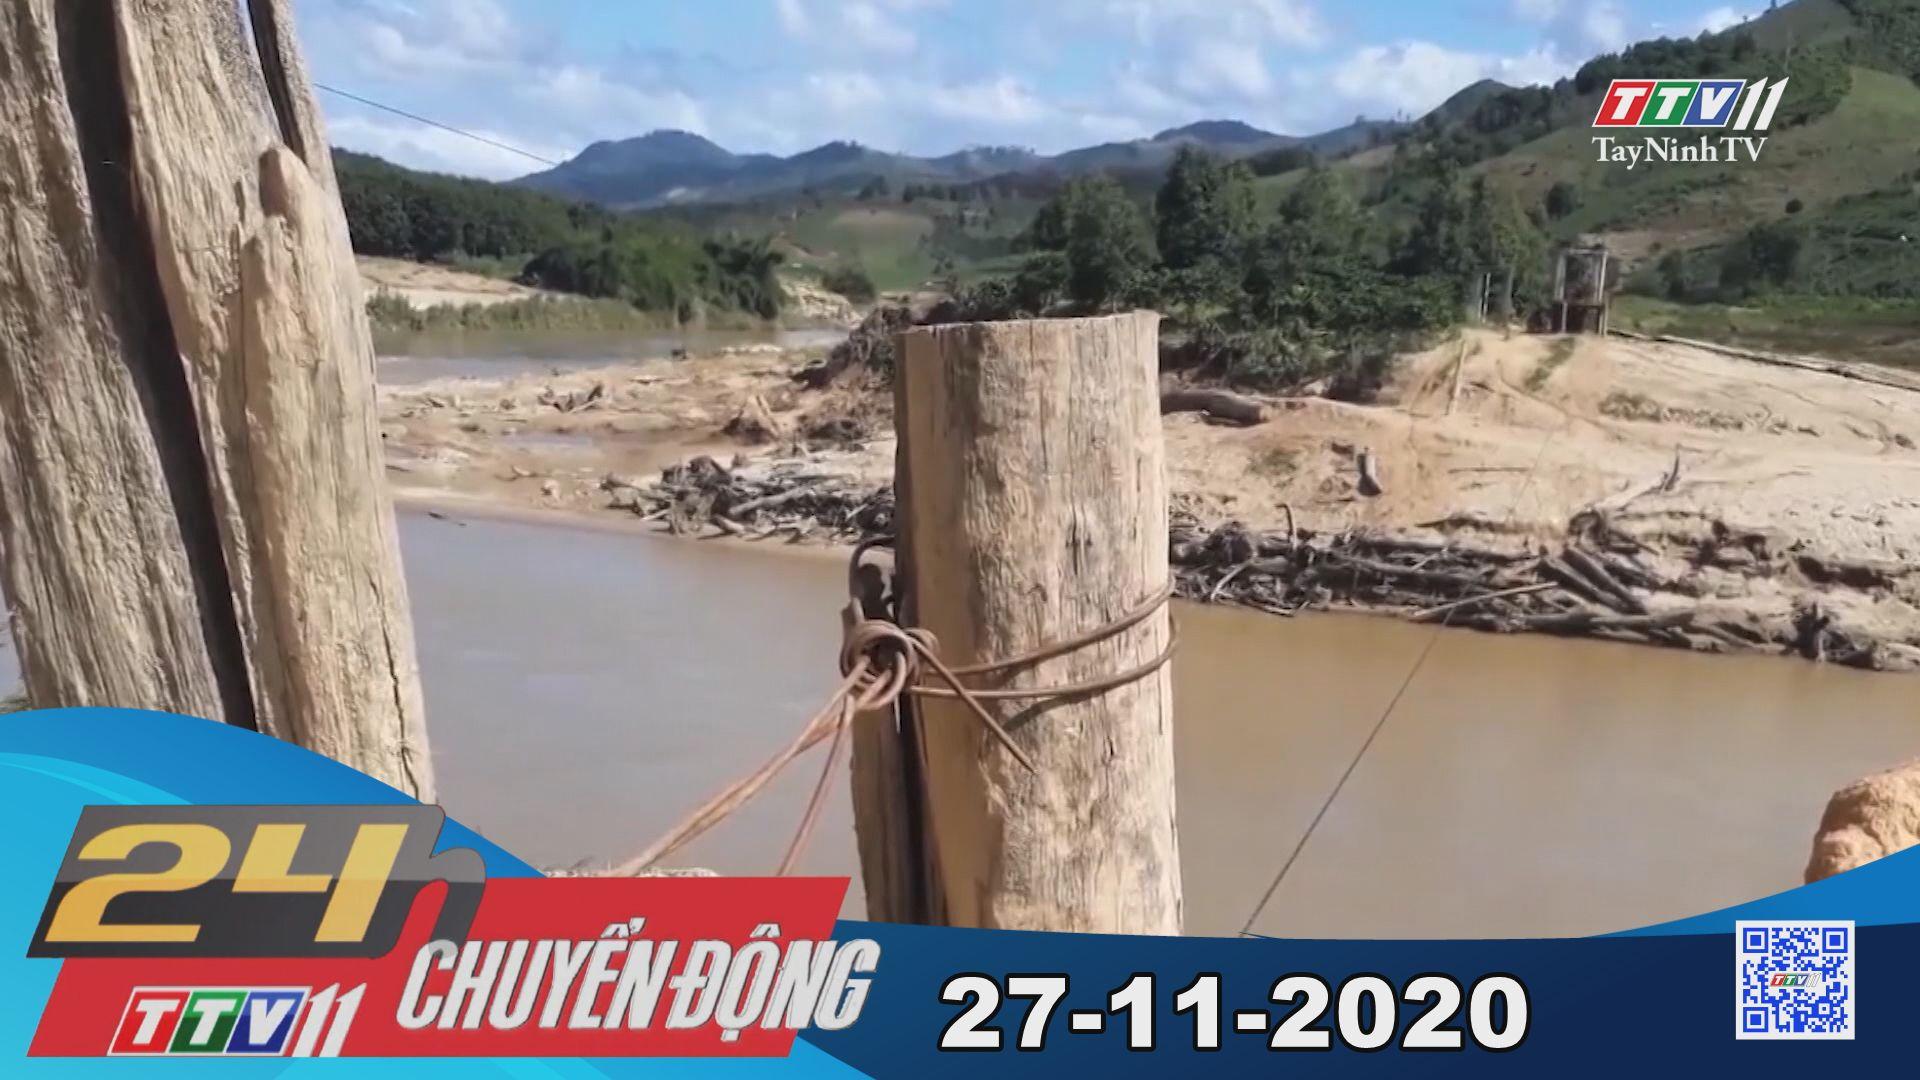 24h Chuyển động 27-11-2020 | Tin tức hôm nay | TayNinhTV